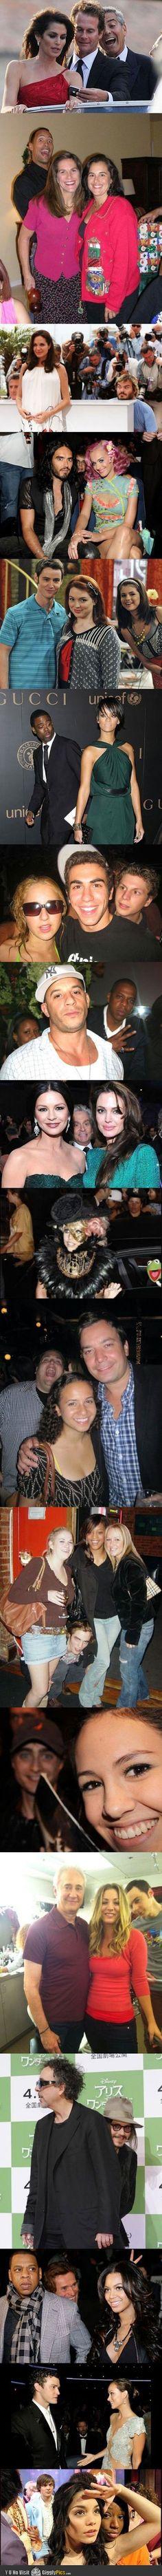 I love that celebrities photobomb too!